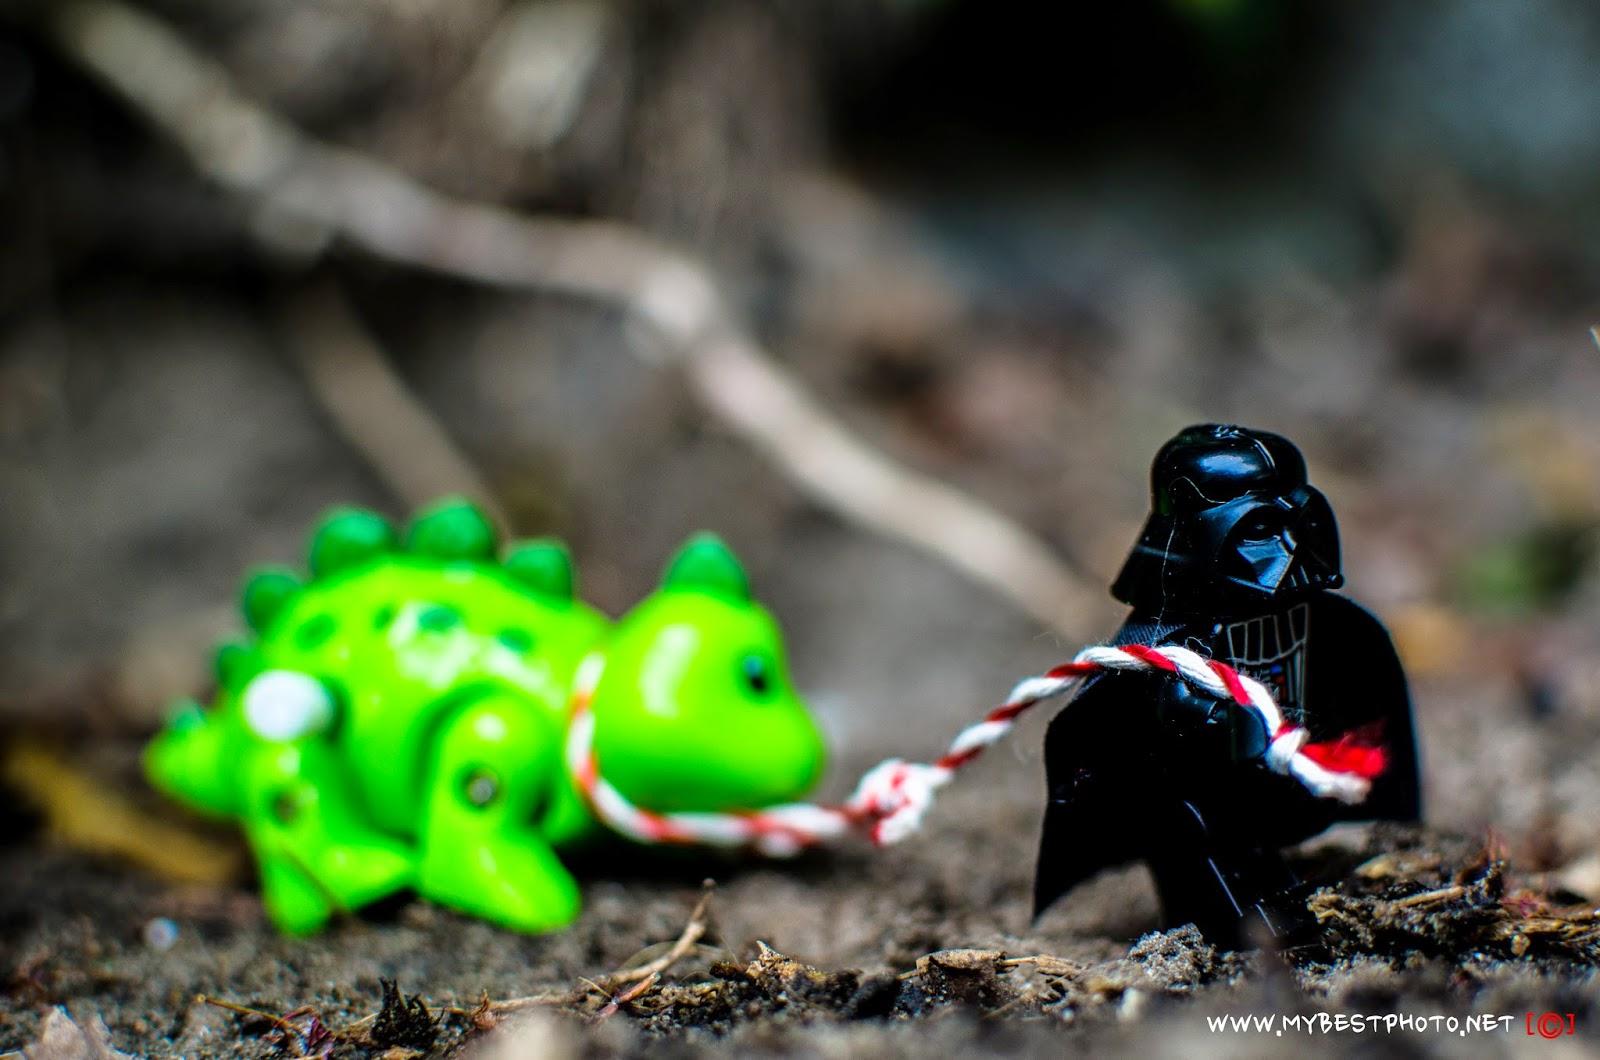 Lego Minifigure Star Wars Darth Vader & Dino - Wallpaper